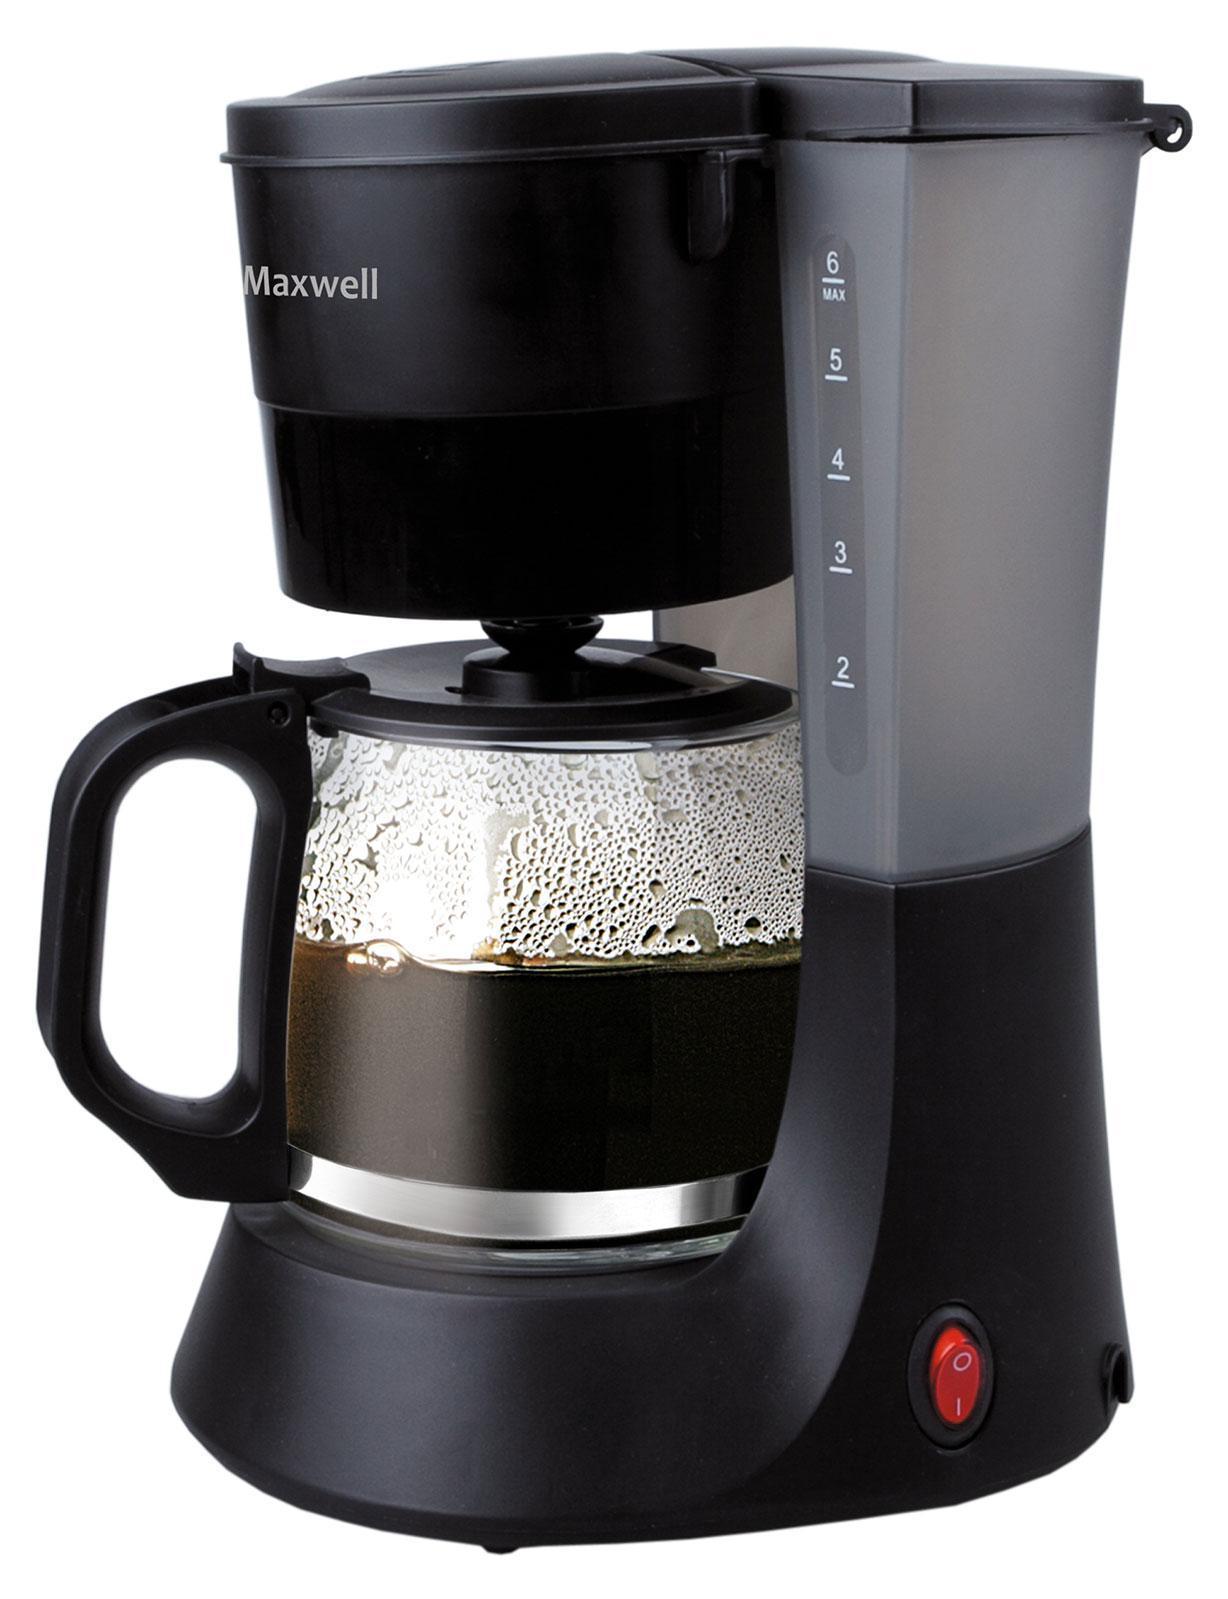 все цены на Maxwell MW-1650 кофеварка онлайн